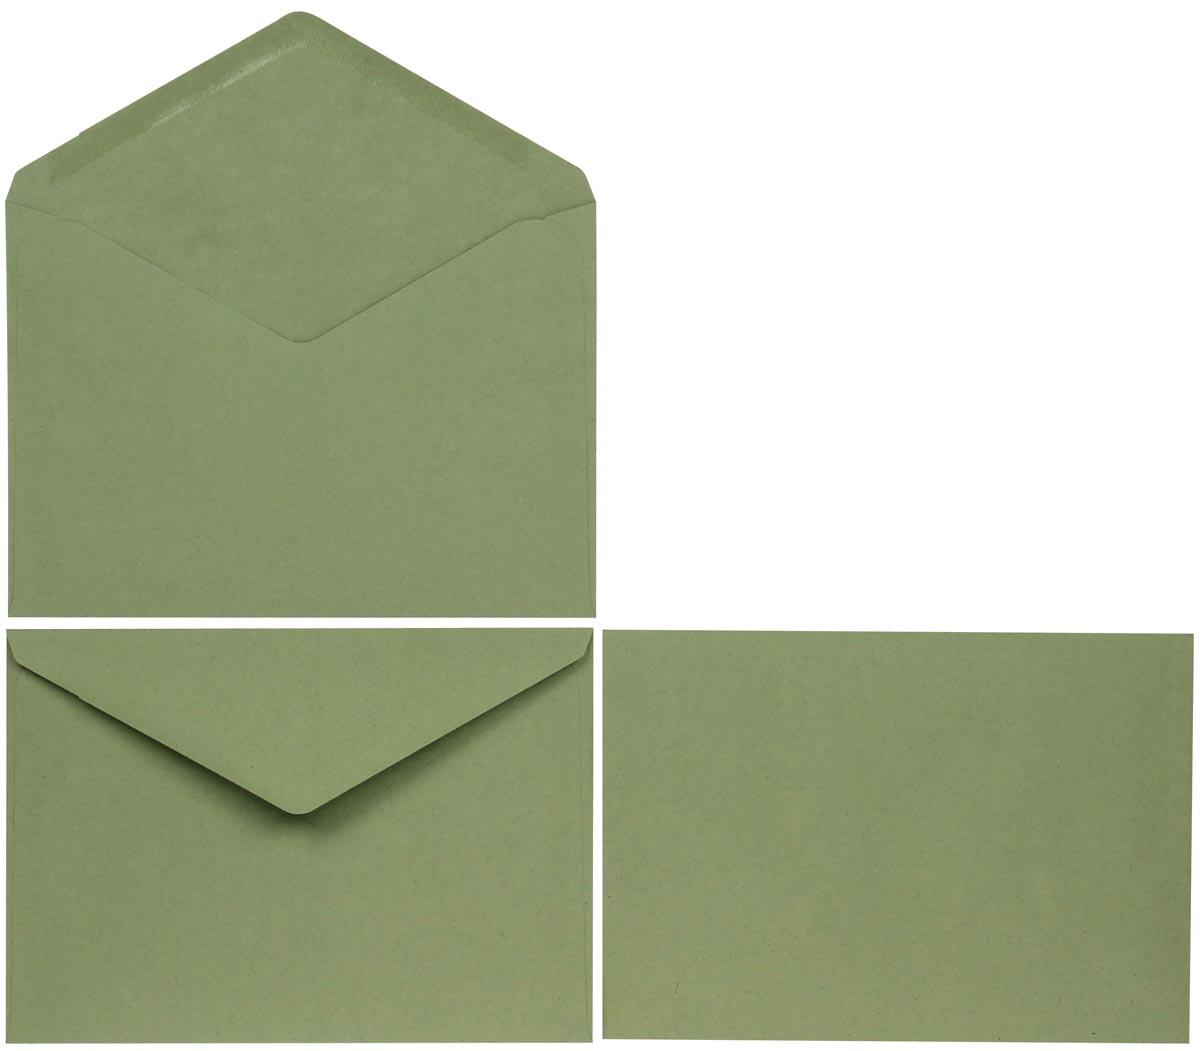 Bong enveloppen ft 114 x 162 mm zonder venster, gegomd, groen, doos van 1000 stuks